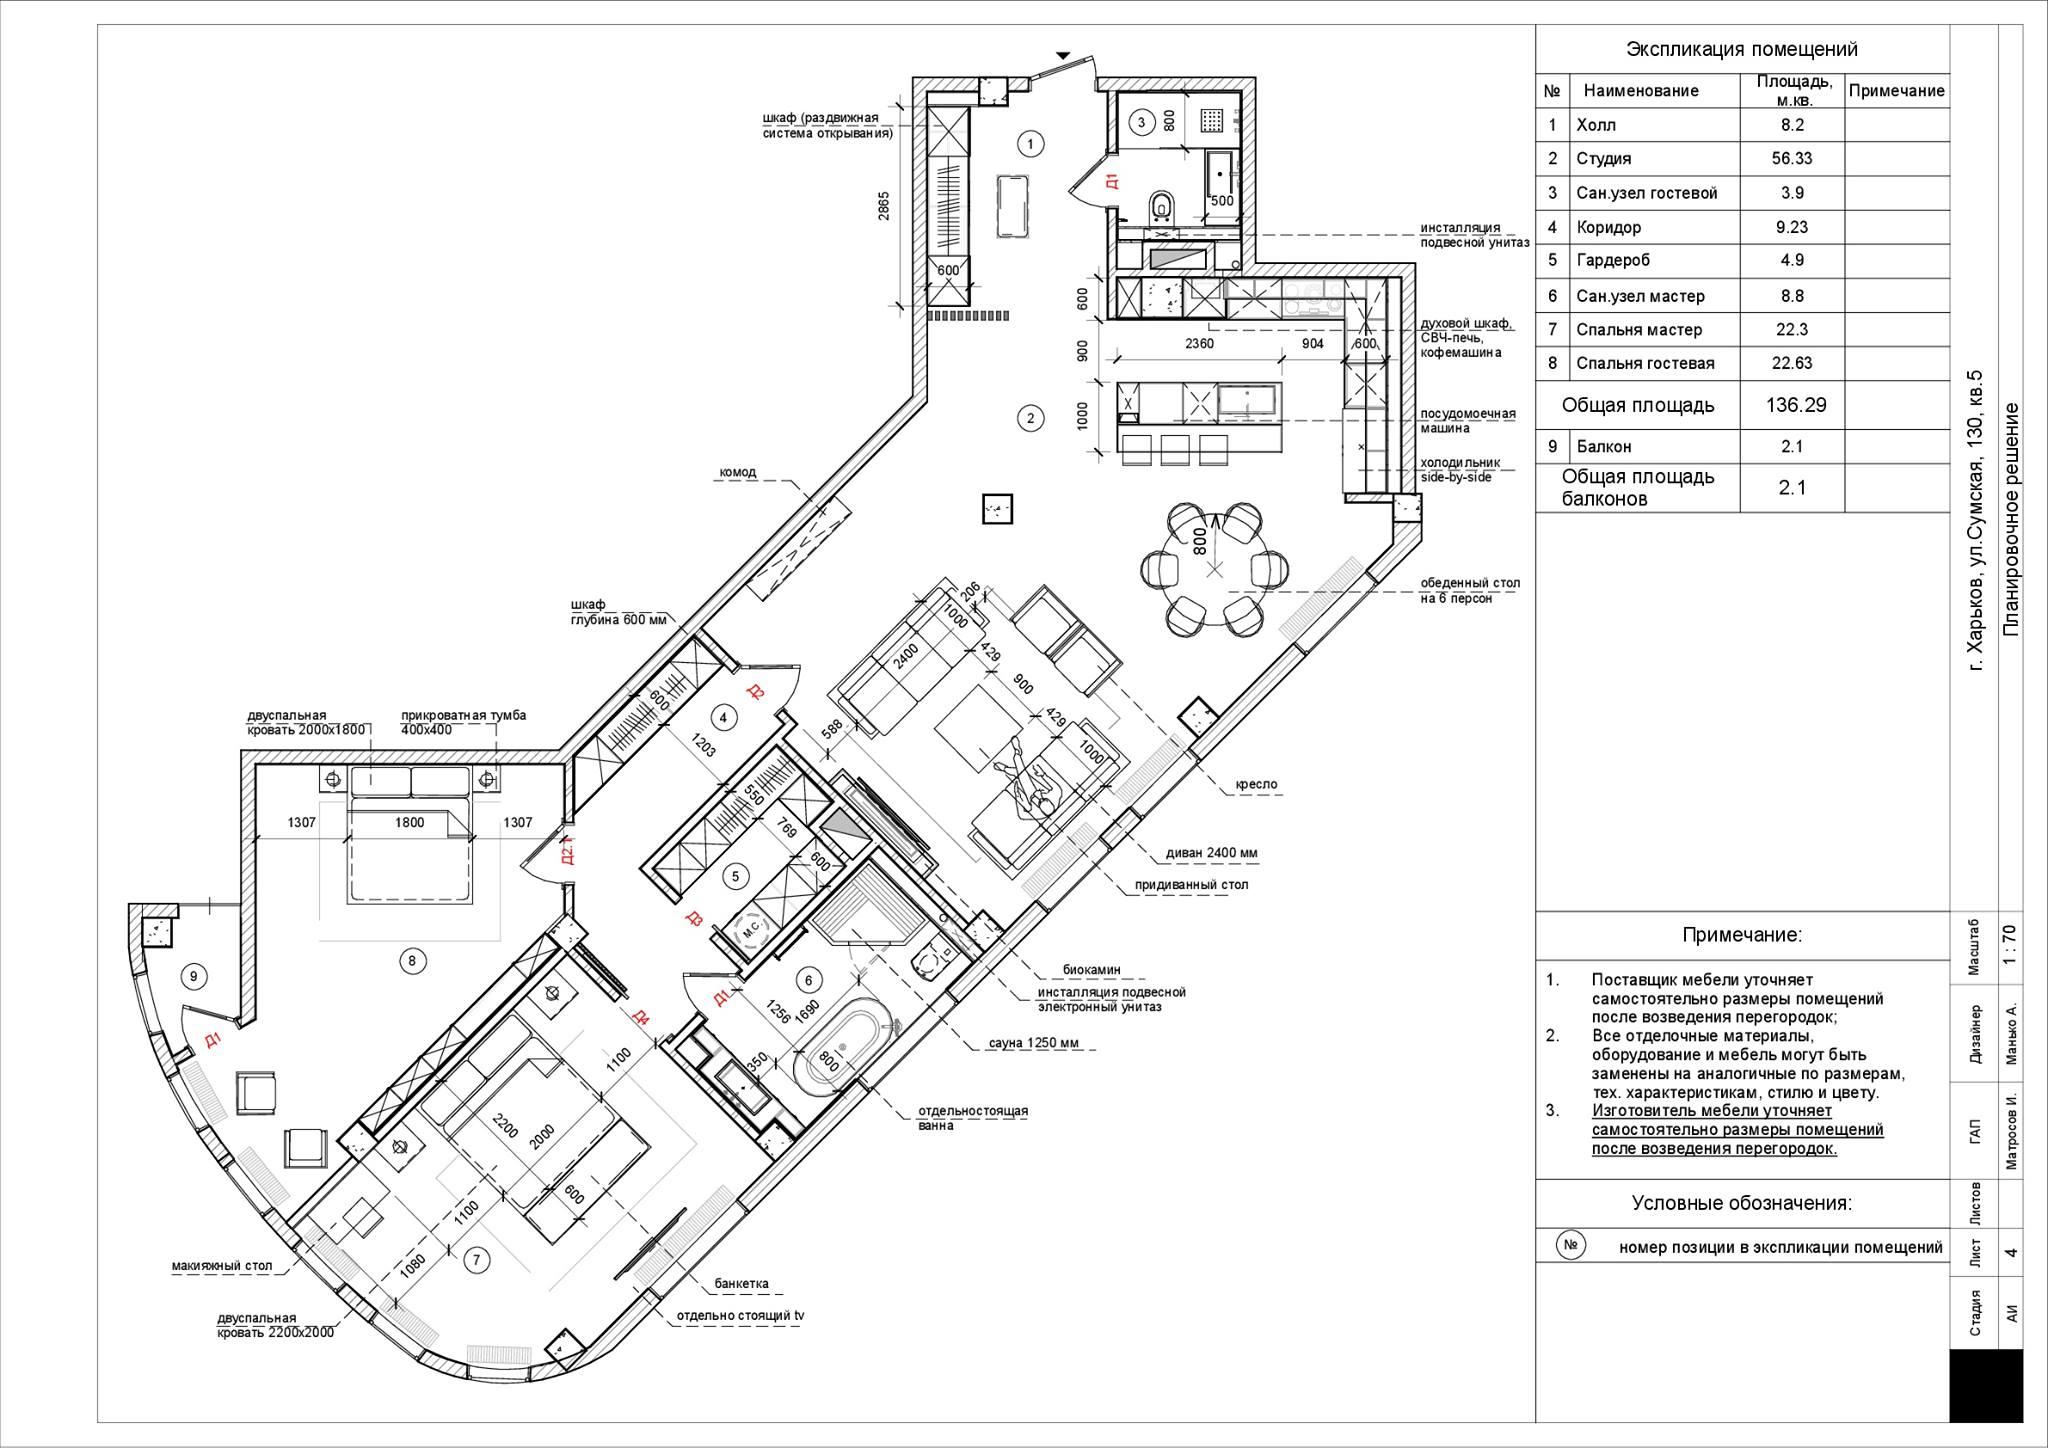 Дизайн-проект - посмотреть состав проекта